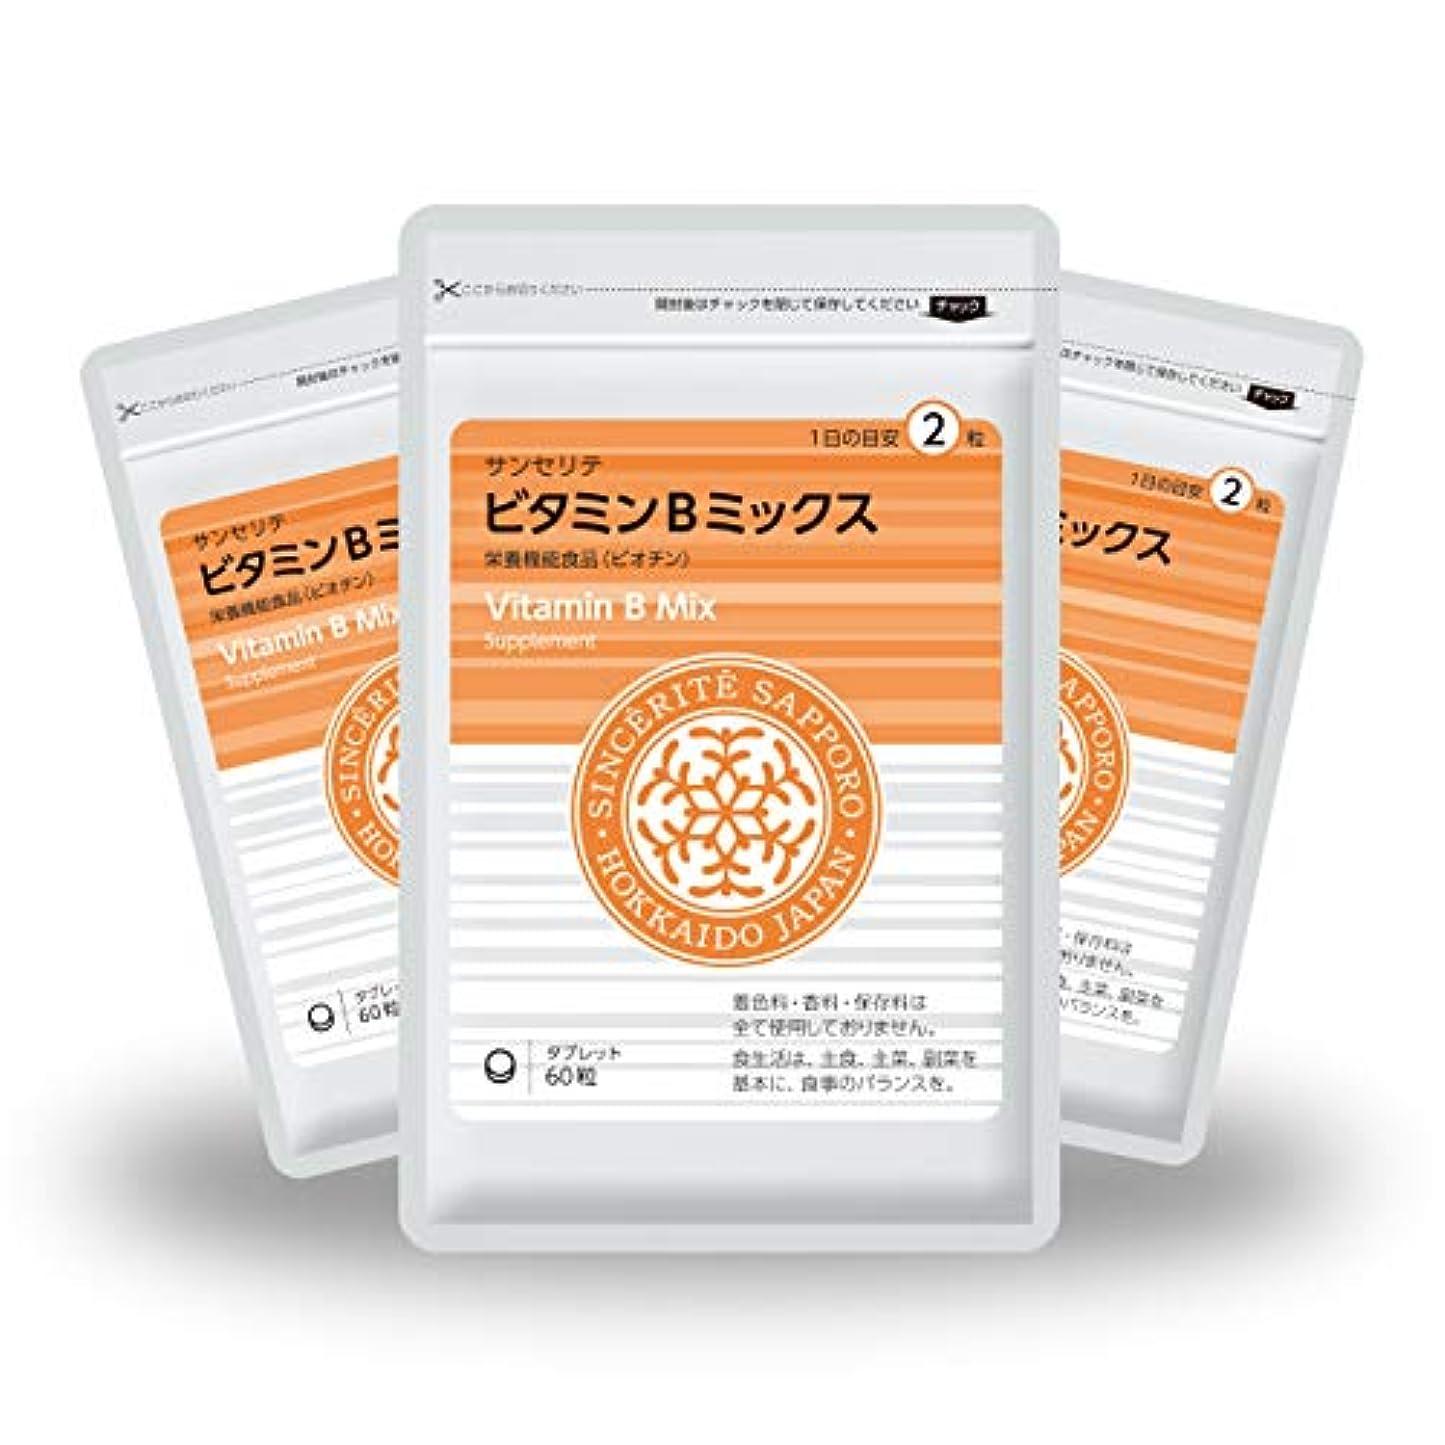 水を飲む胴体ラテンビタミンBミックス 3袋セット[栄養機能食品]ビタミンB群たっぷり配合[国内製造]お得な90日分